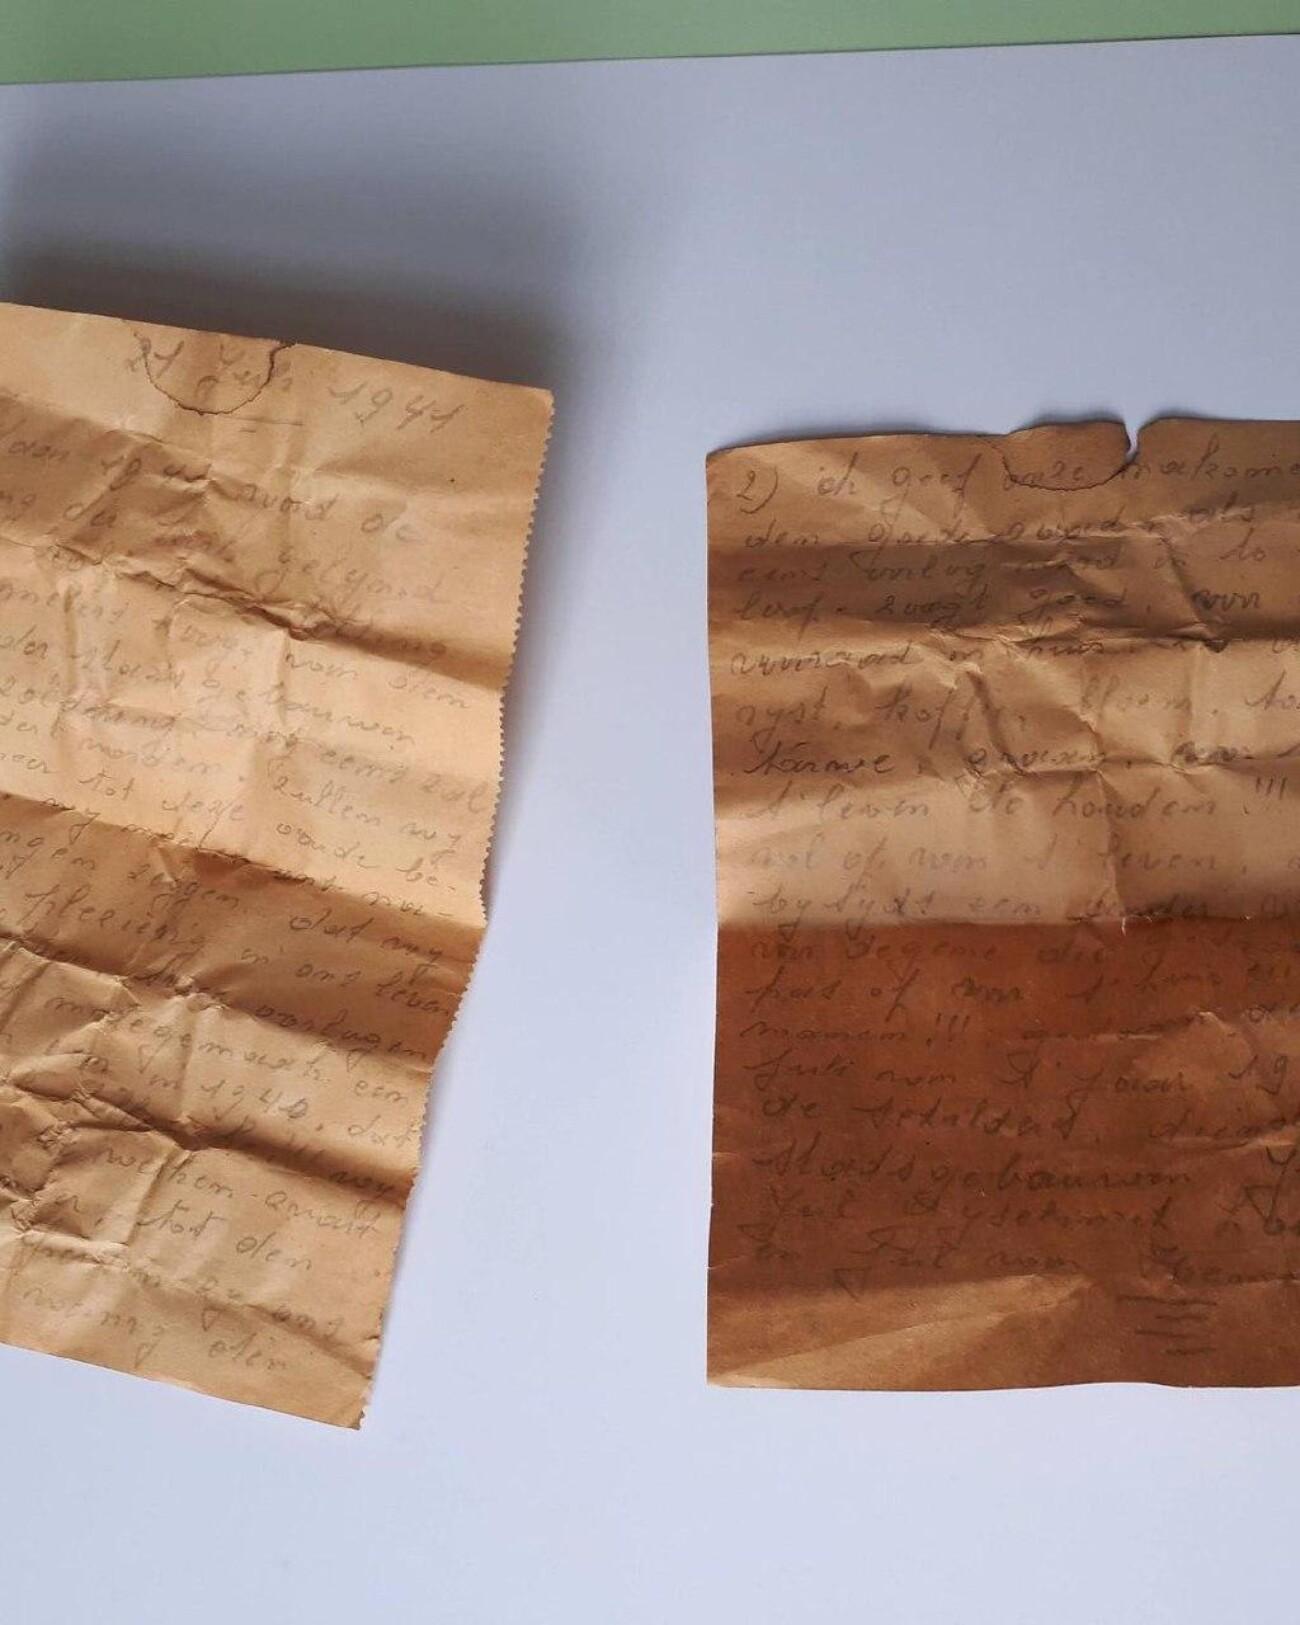 В бельгийской церкви нашли письмо 1941 года с советом наслаждаться жизнью и делать запасы на случай войны